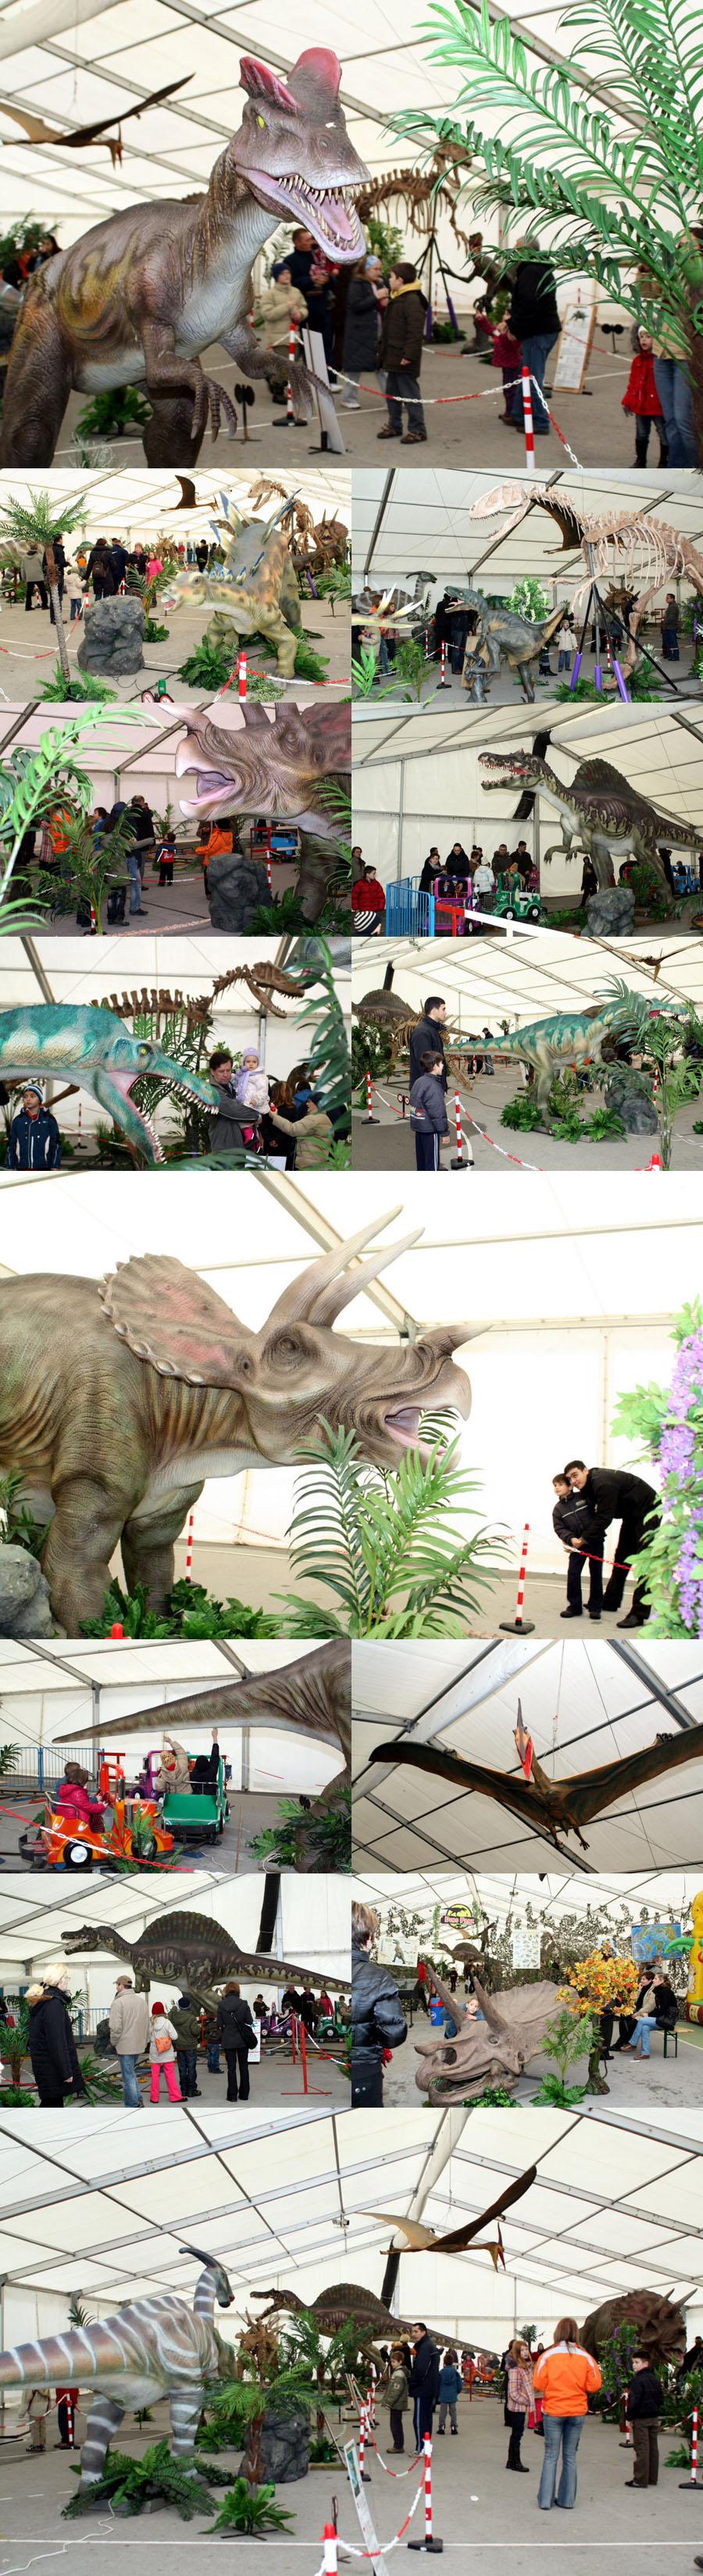 Dino park - izložba pokretnih dinosaura u prirodnoj veličini  [url=http://www.osijek031.com/osijek.php?najava_id=22992]Srednjika: Dino park - izložba pokretnih dinosaura u prirodnoj veličini[/url]  Foto: [b]Igor Košćak[/b]  Ključne riječi: dinosaur dino-park izlozba